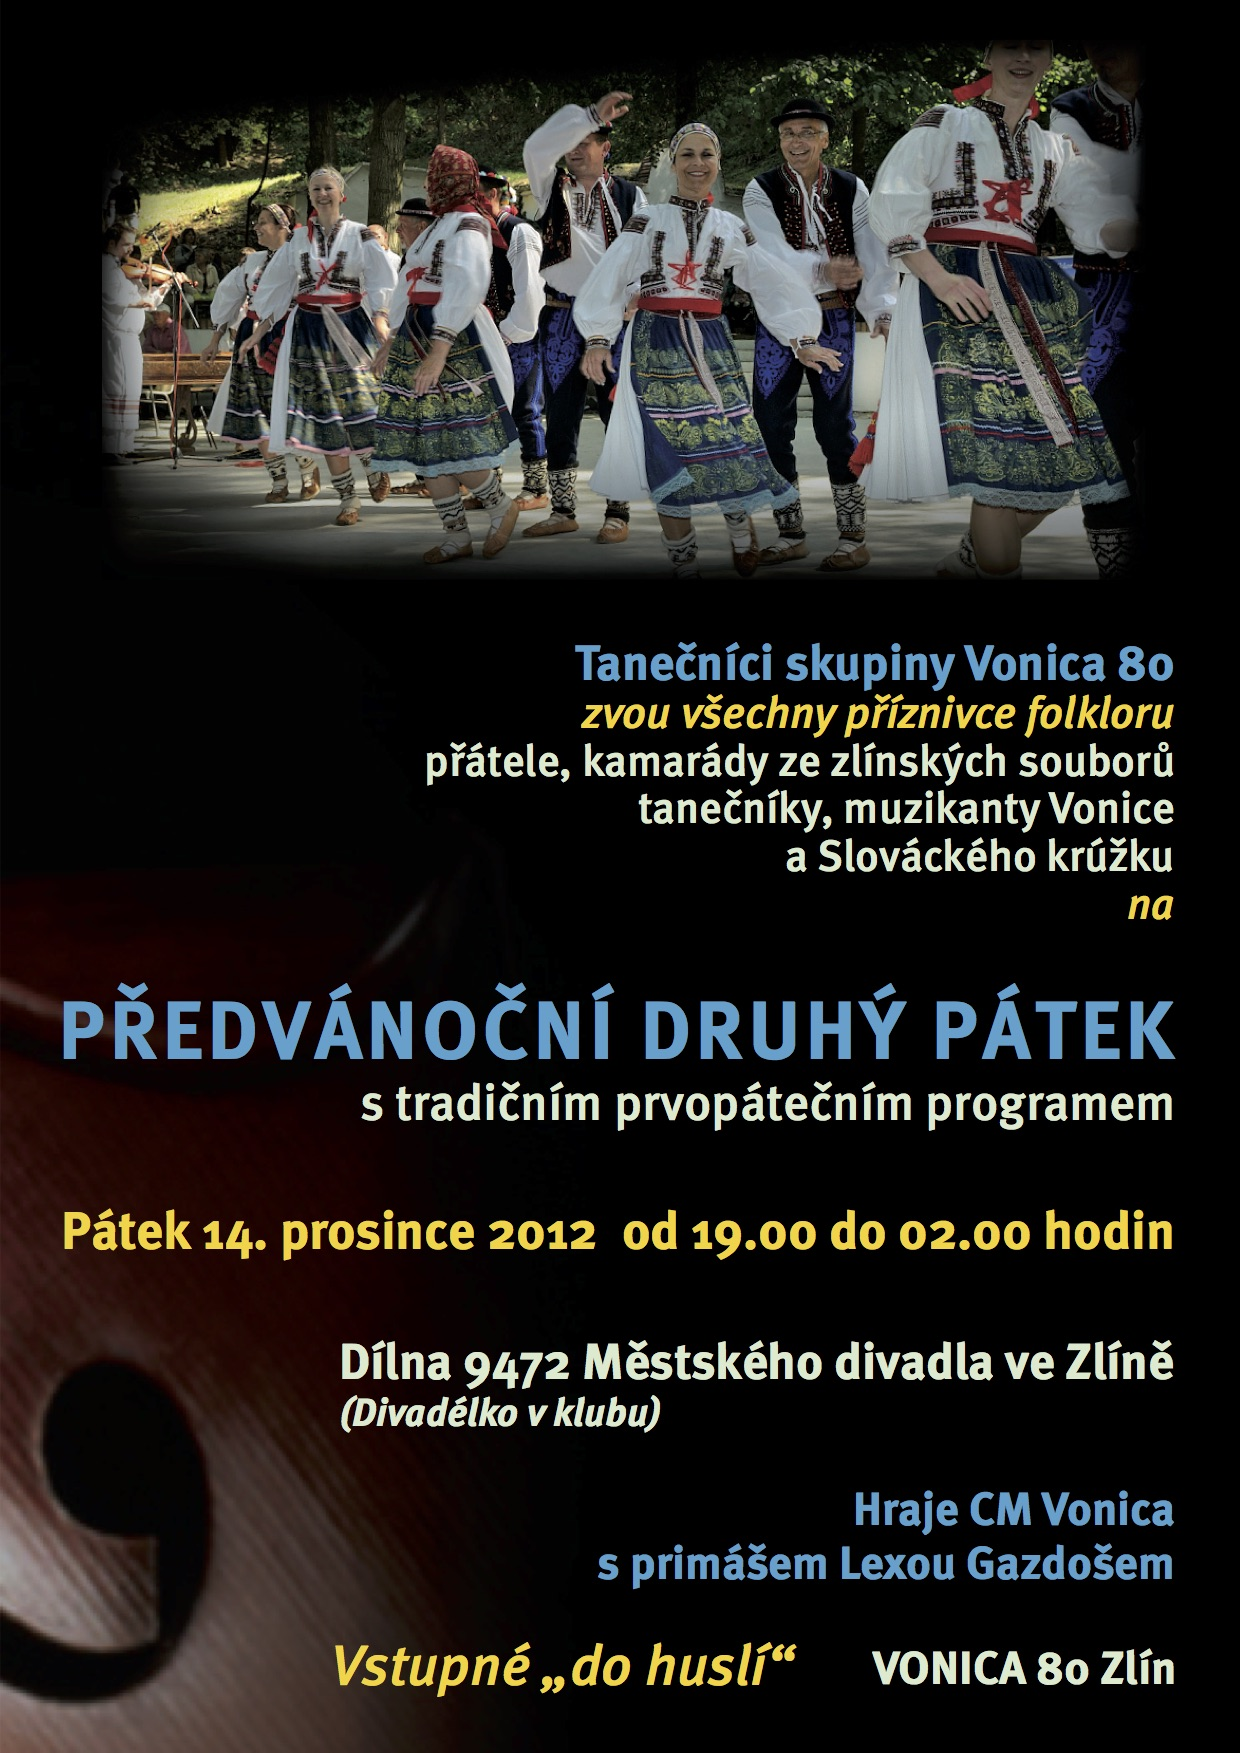 První pátek 14.12.2012